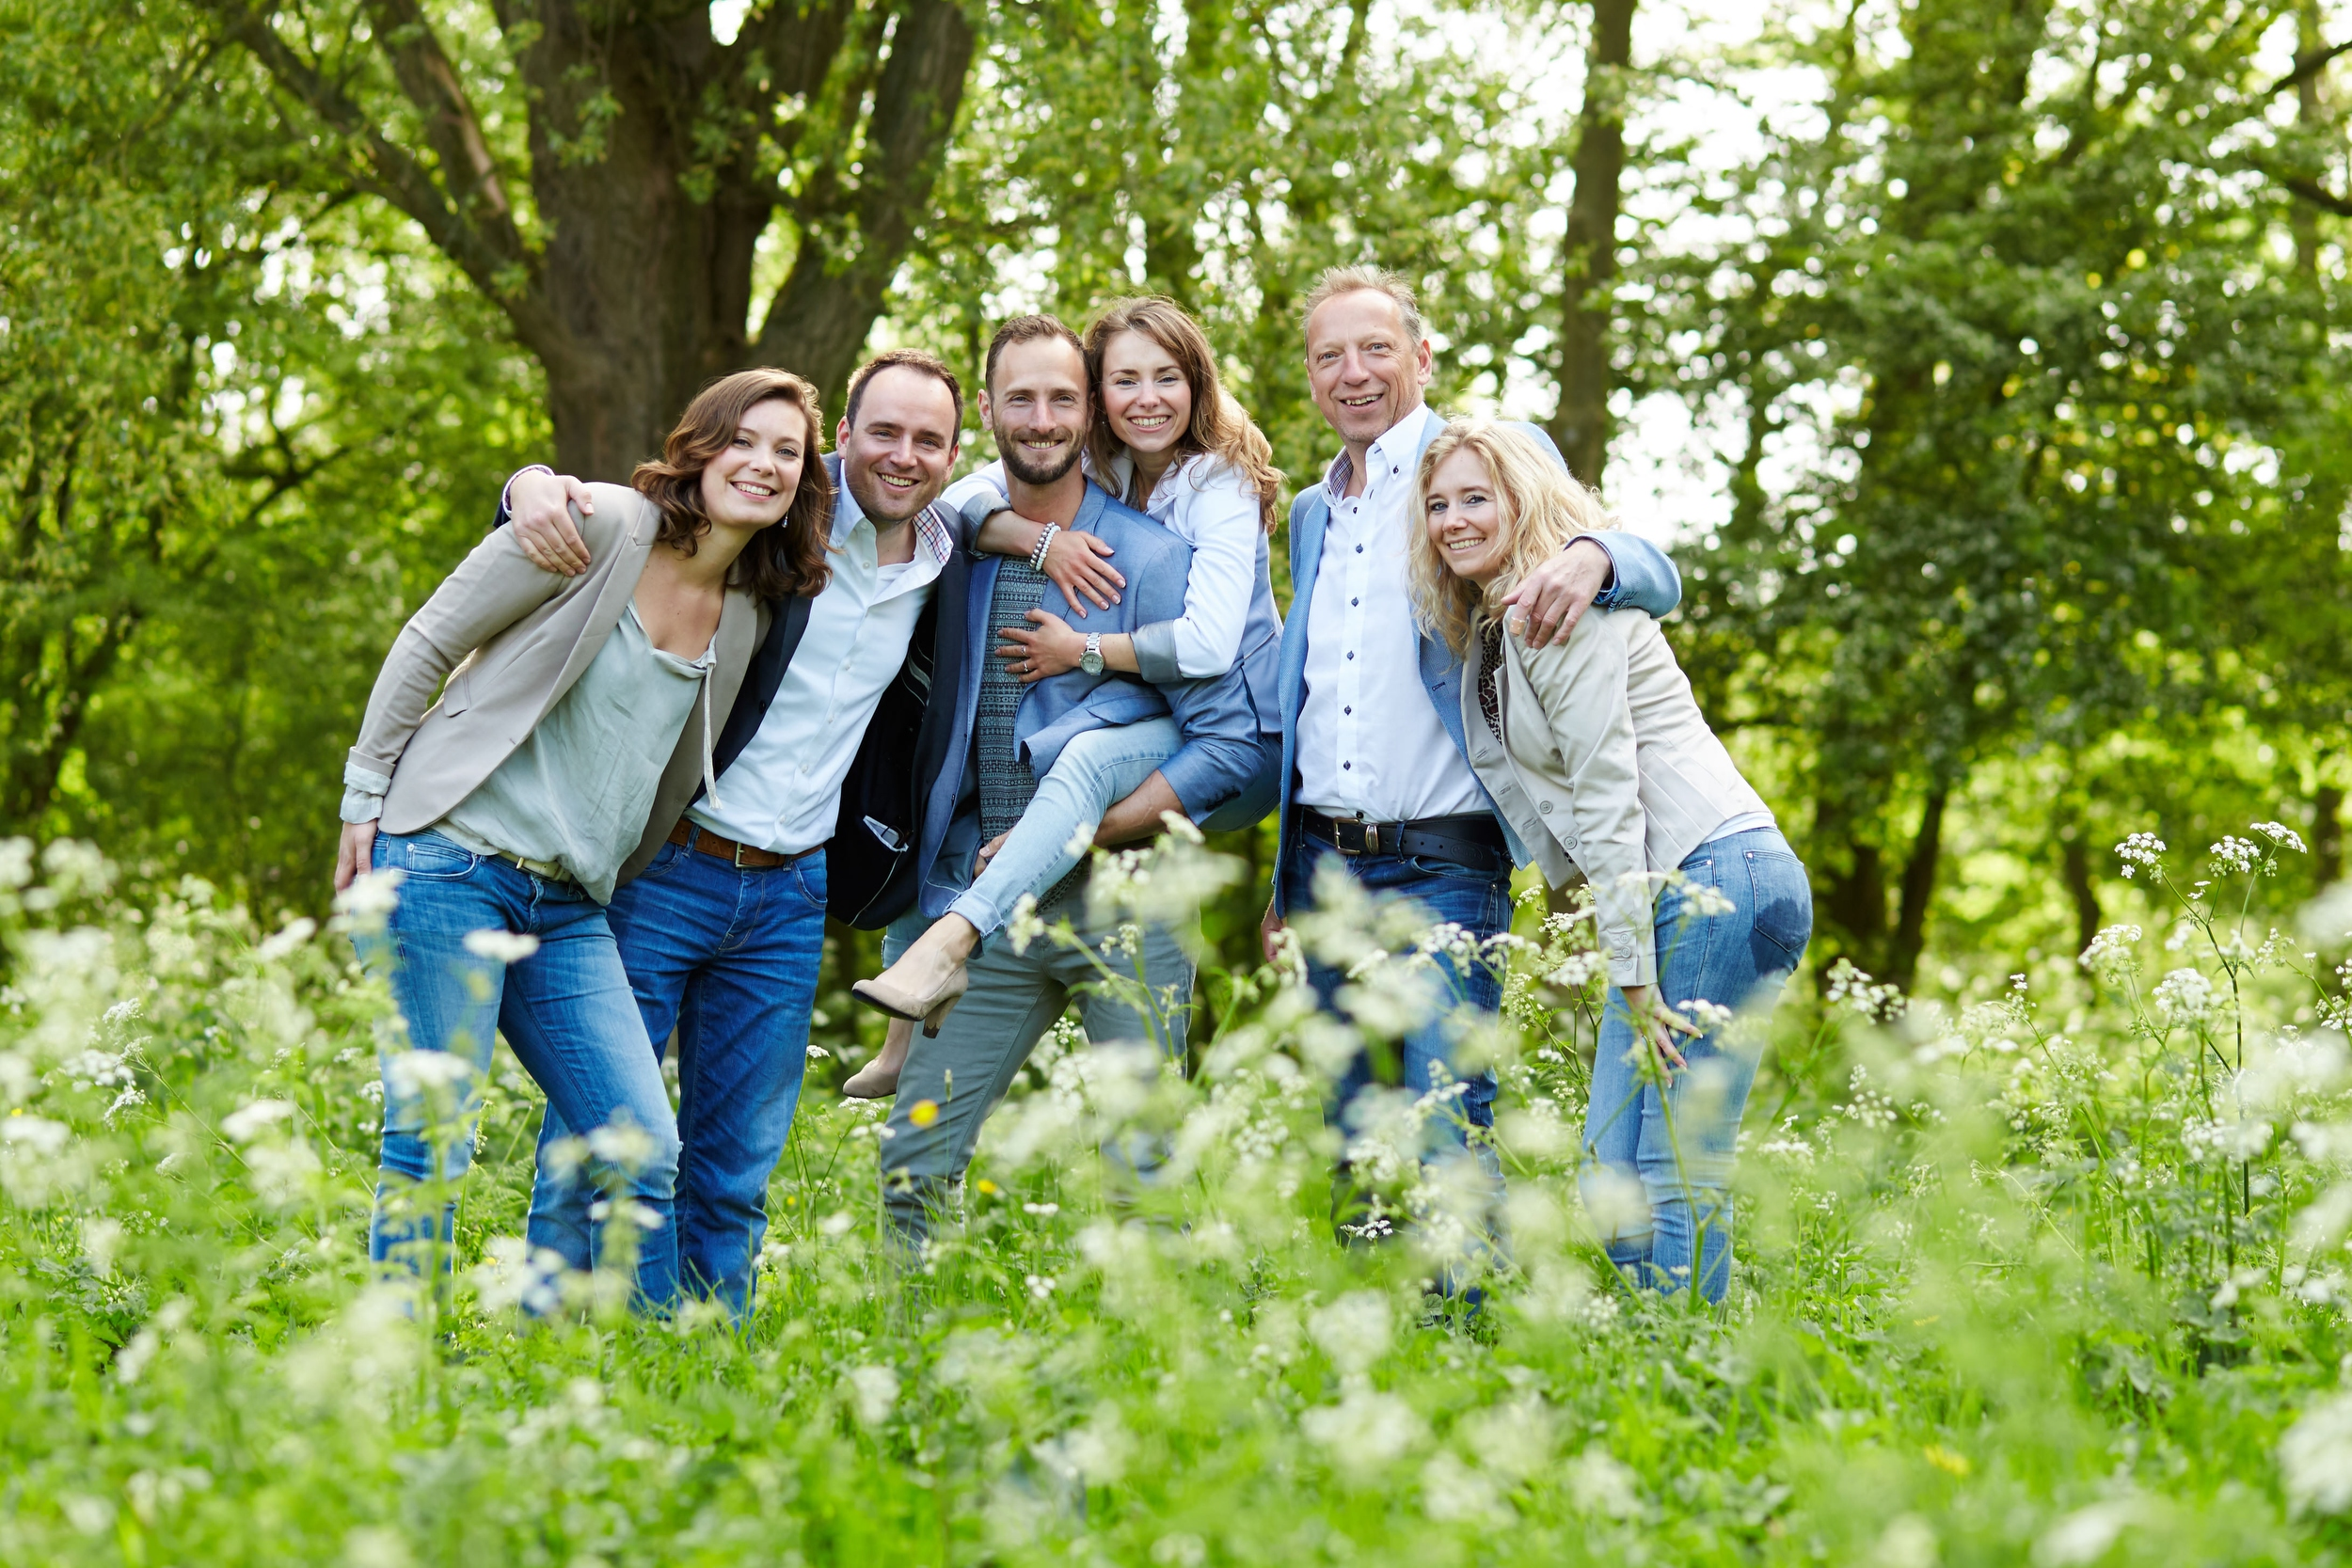 familieshoot, familiefotografie, familiefoto, fotoshoot park